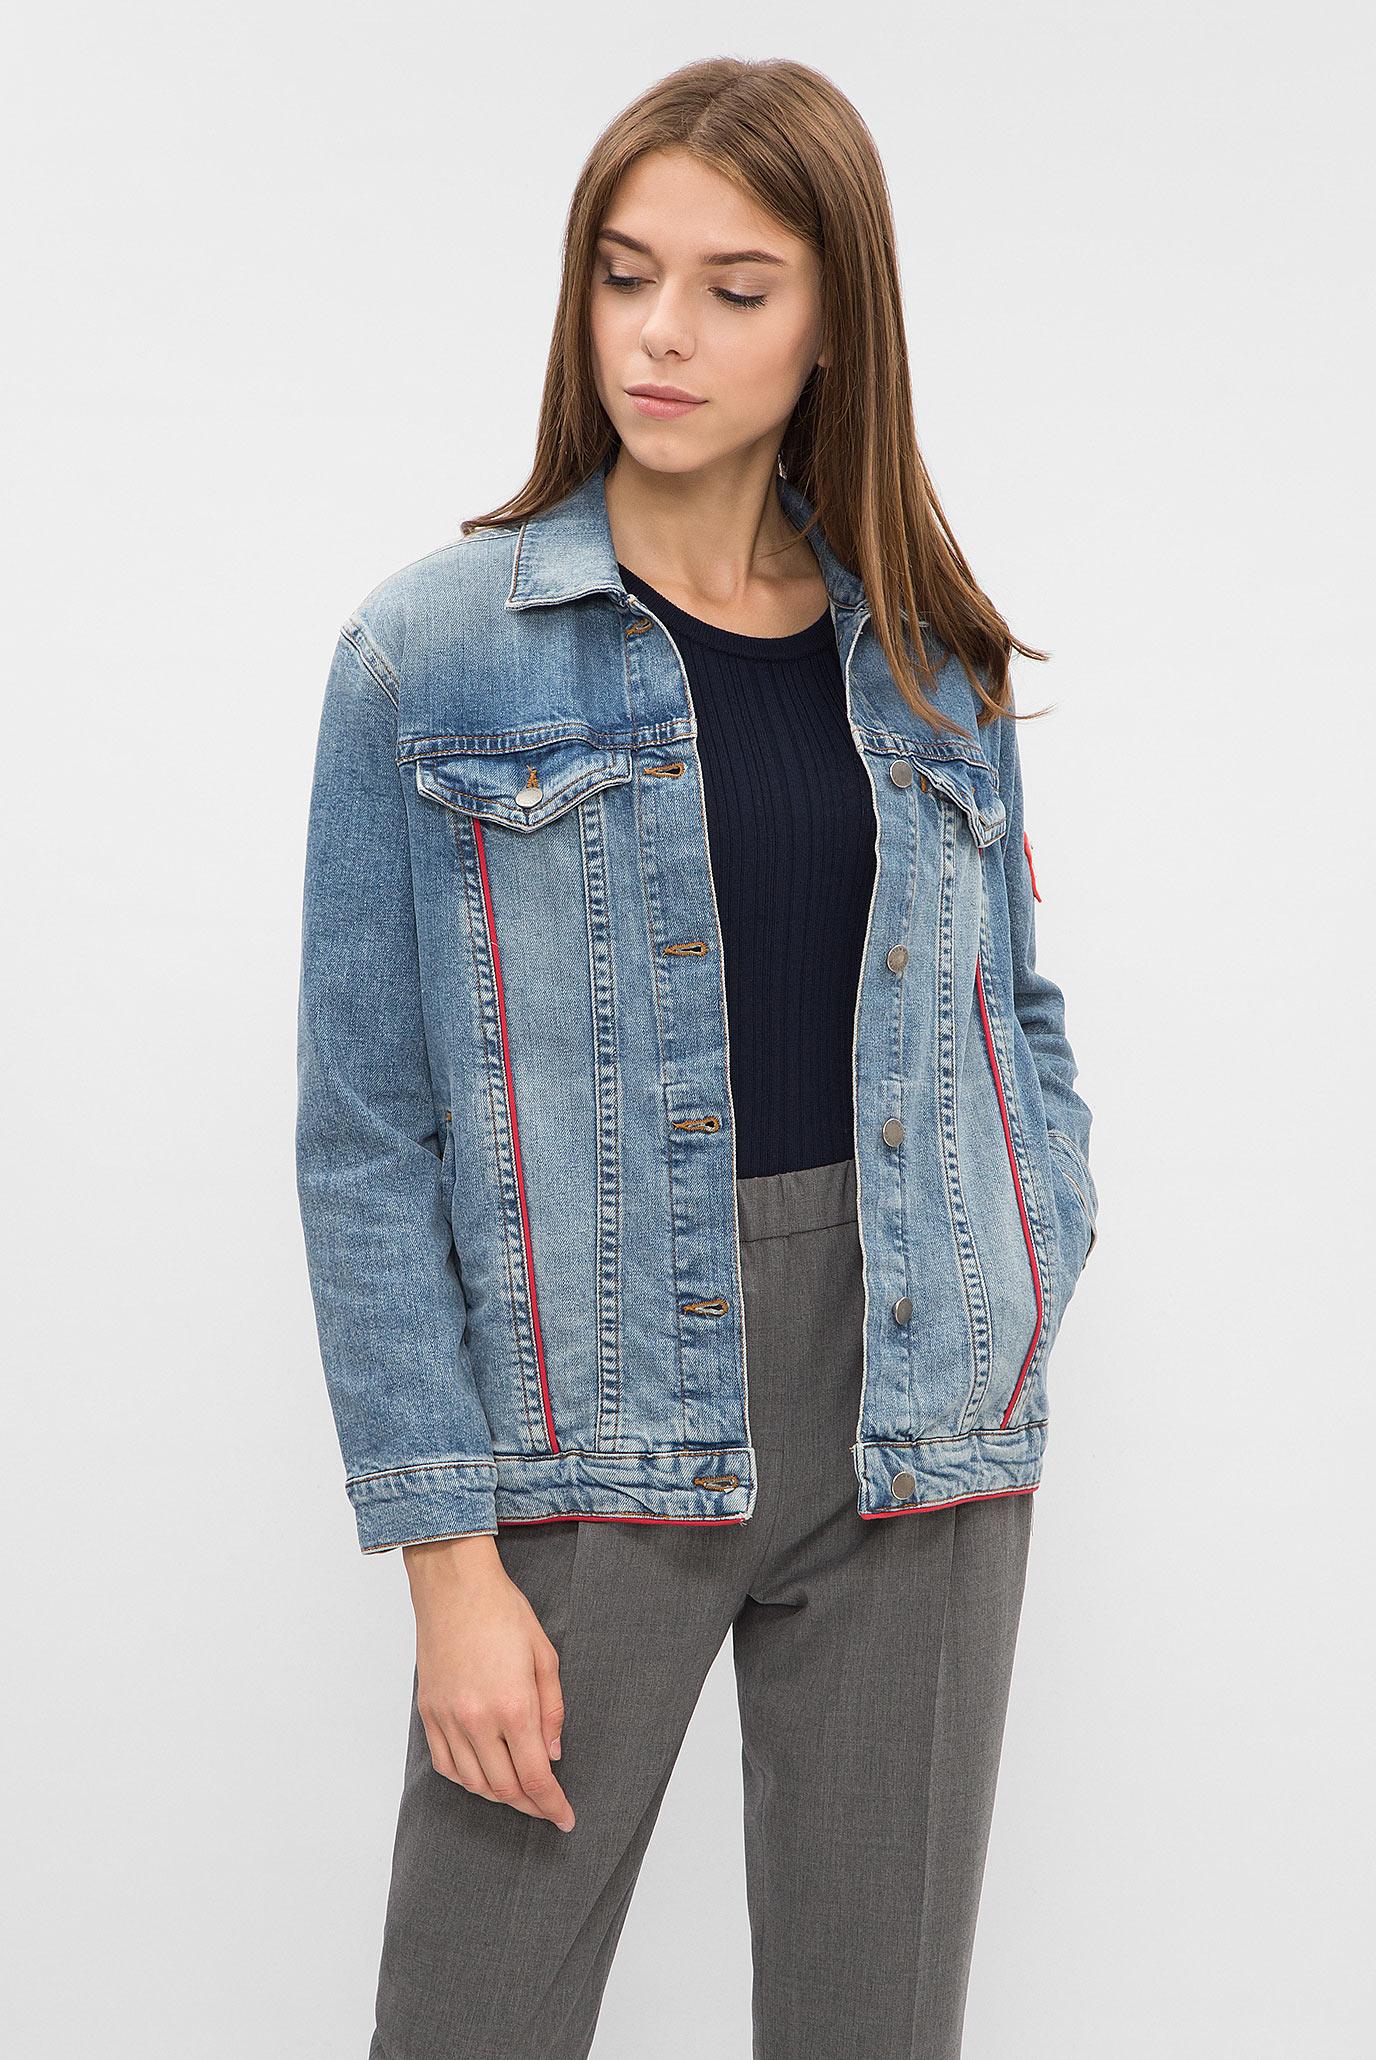 6d8da5568b0 Купить Женская голубая джинсовая куртка Tommy Hilfiger Tommy Hilfiger  WW0WW19884 – Киев